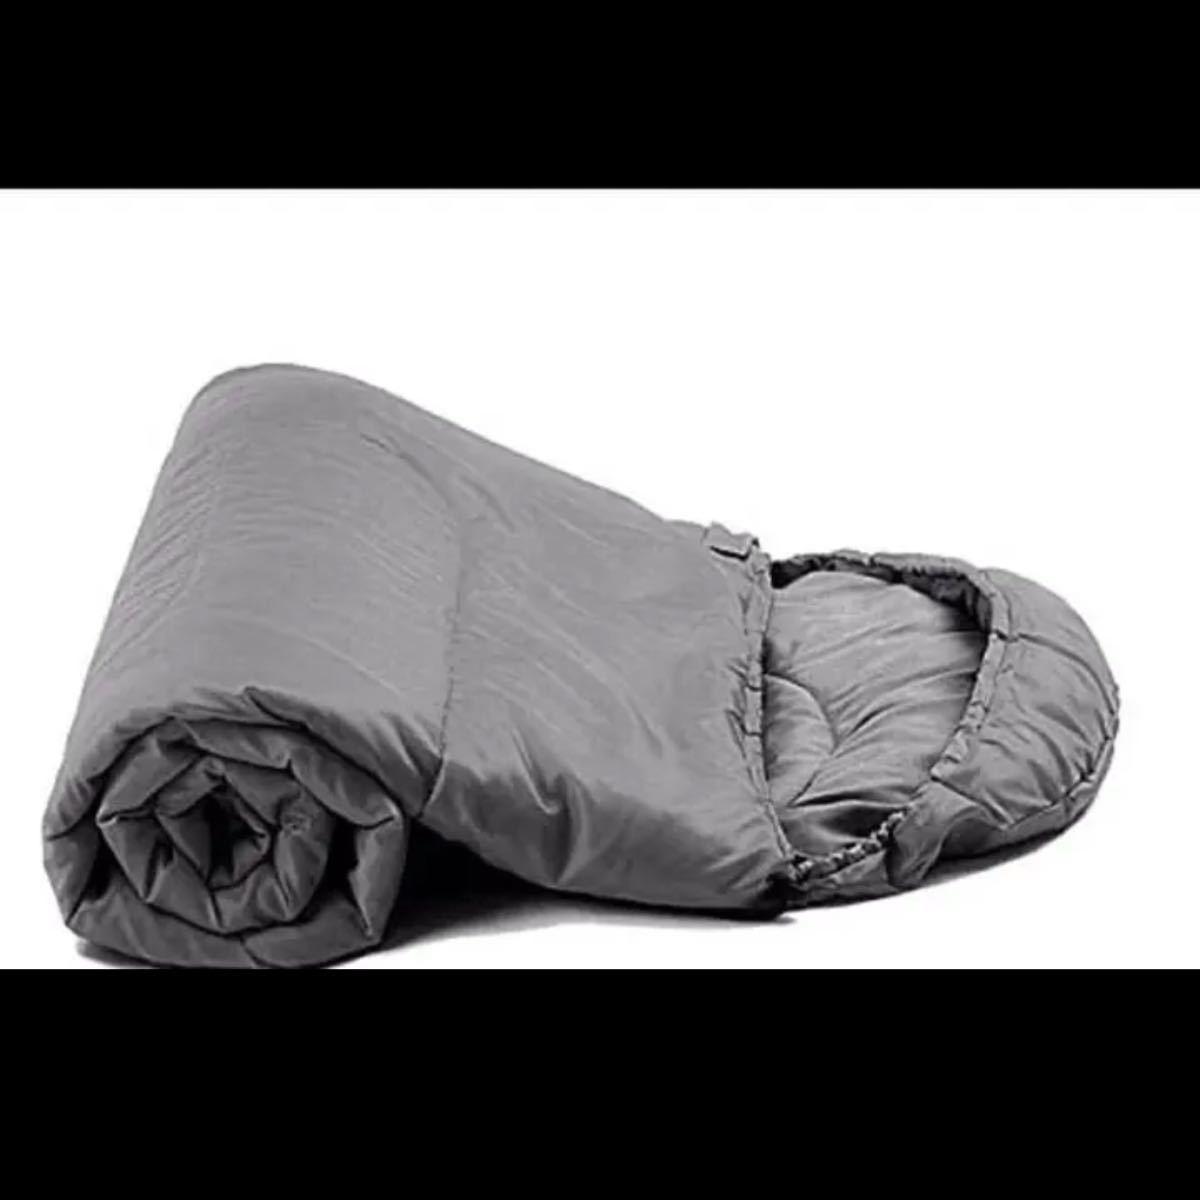 [最新版]寝袋 封筒型 軽量 保温 210T防水シュラフ コンパクト アウトドア